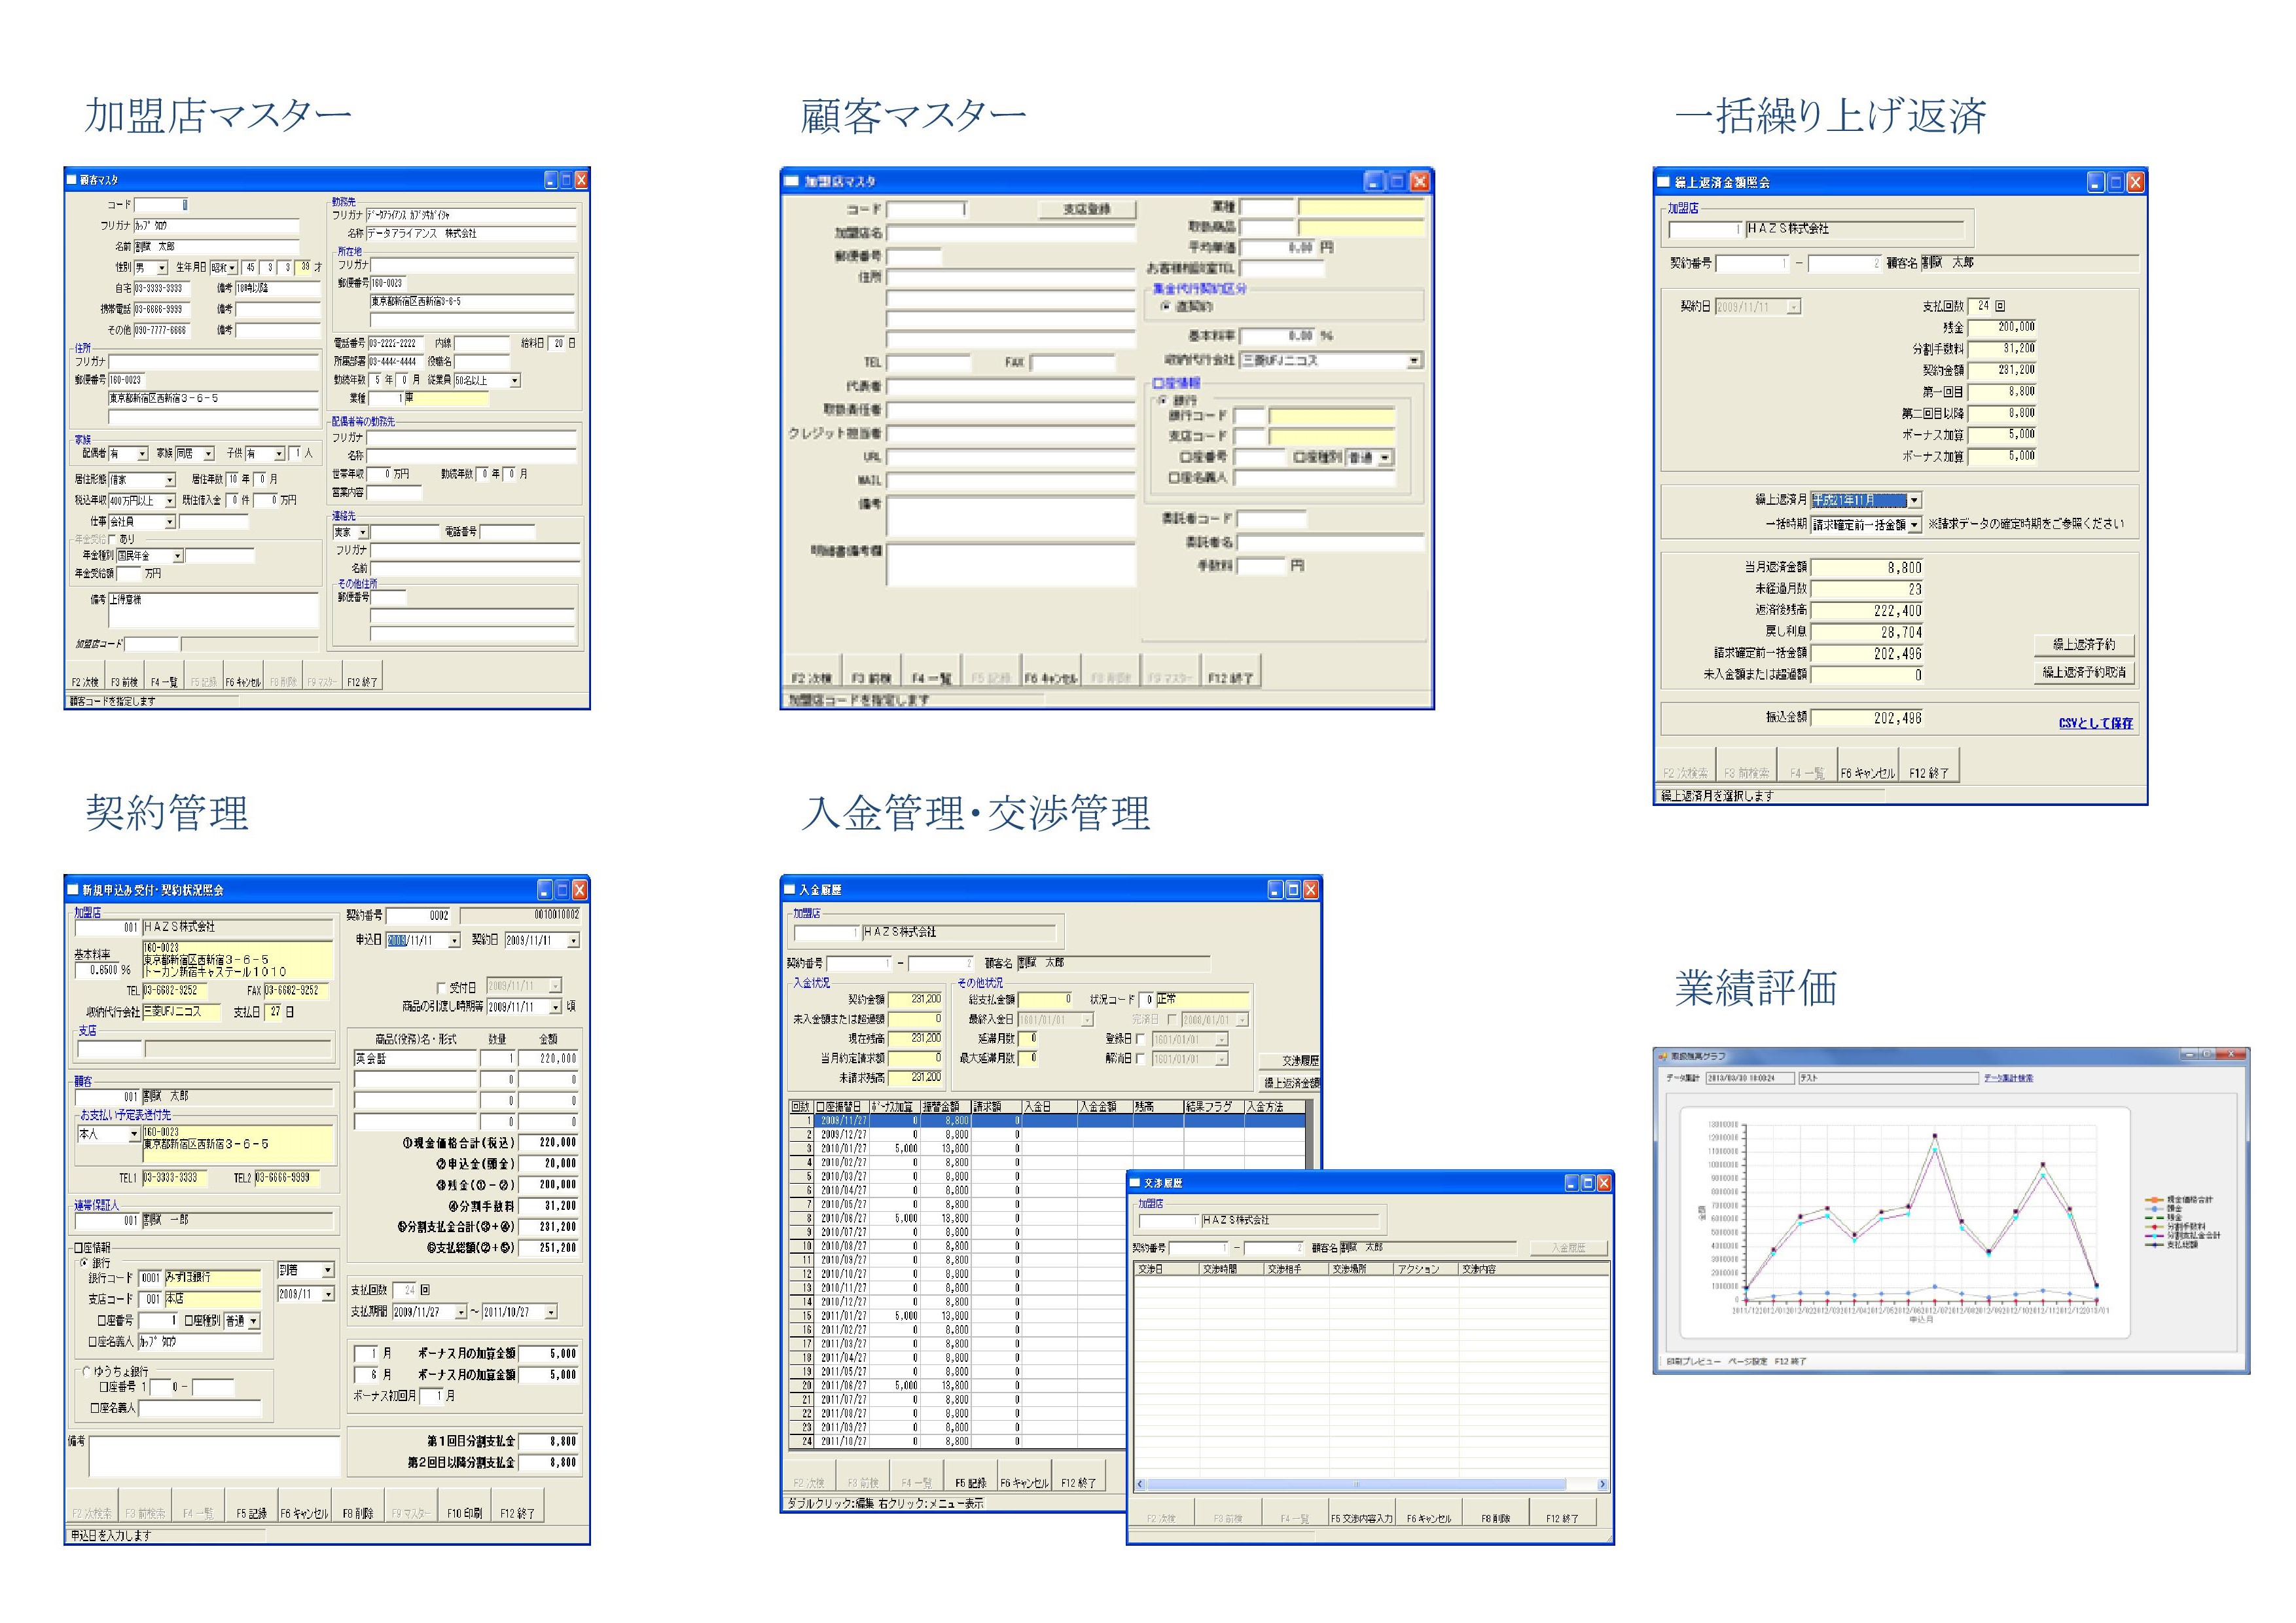 システム画面各種